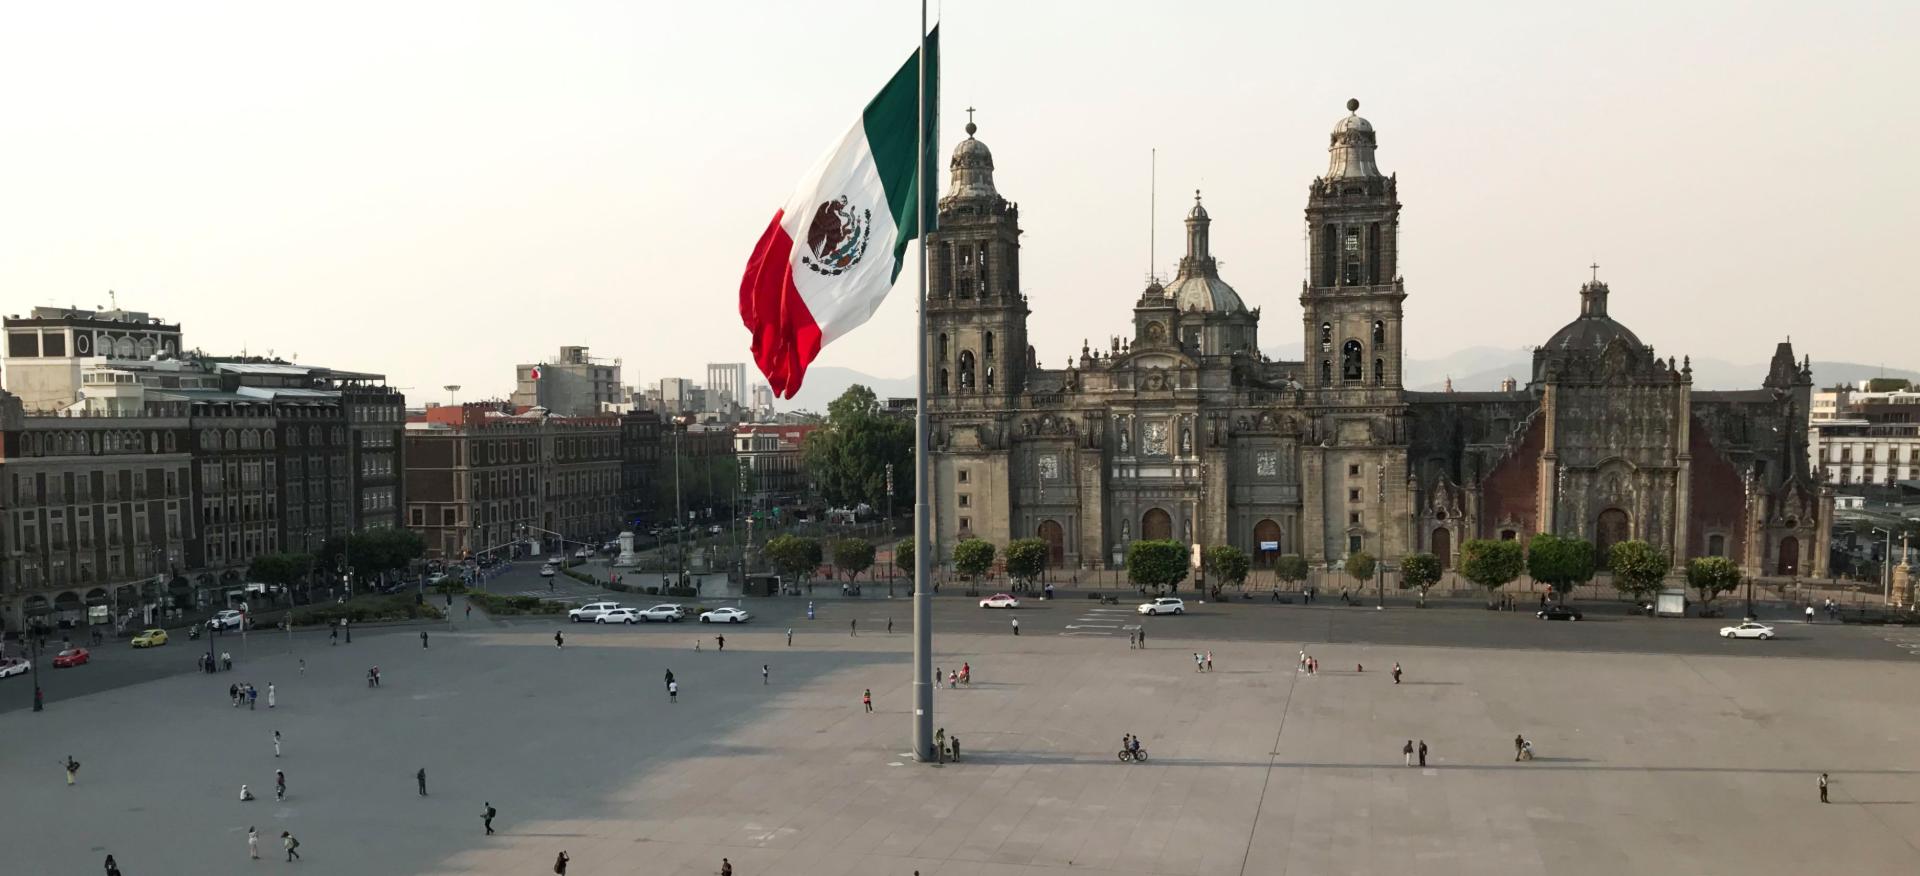 Ciudad de Mexico zocalo bandera catedral